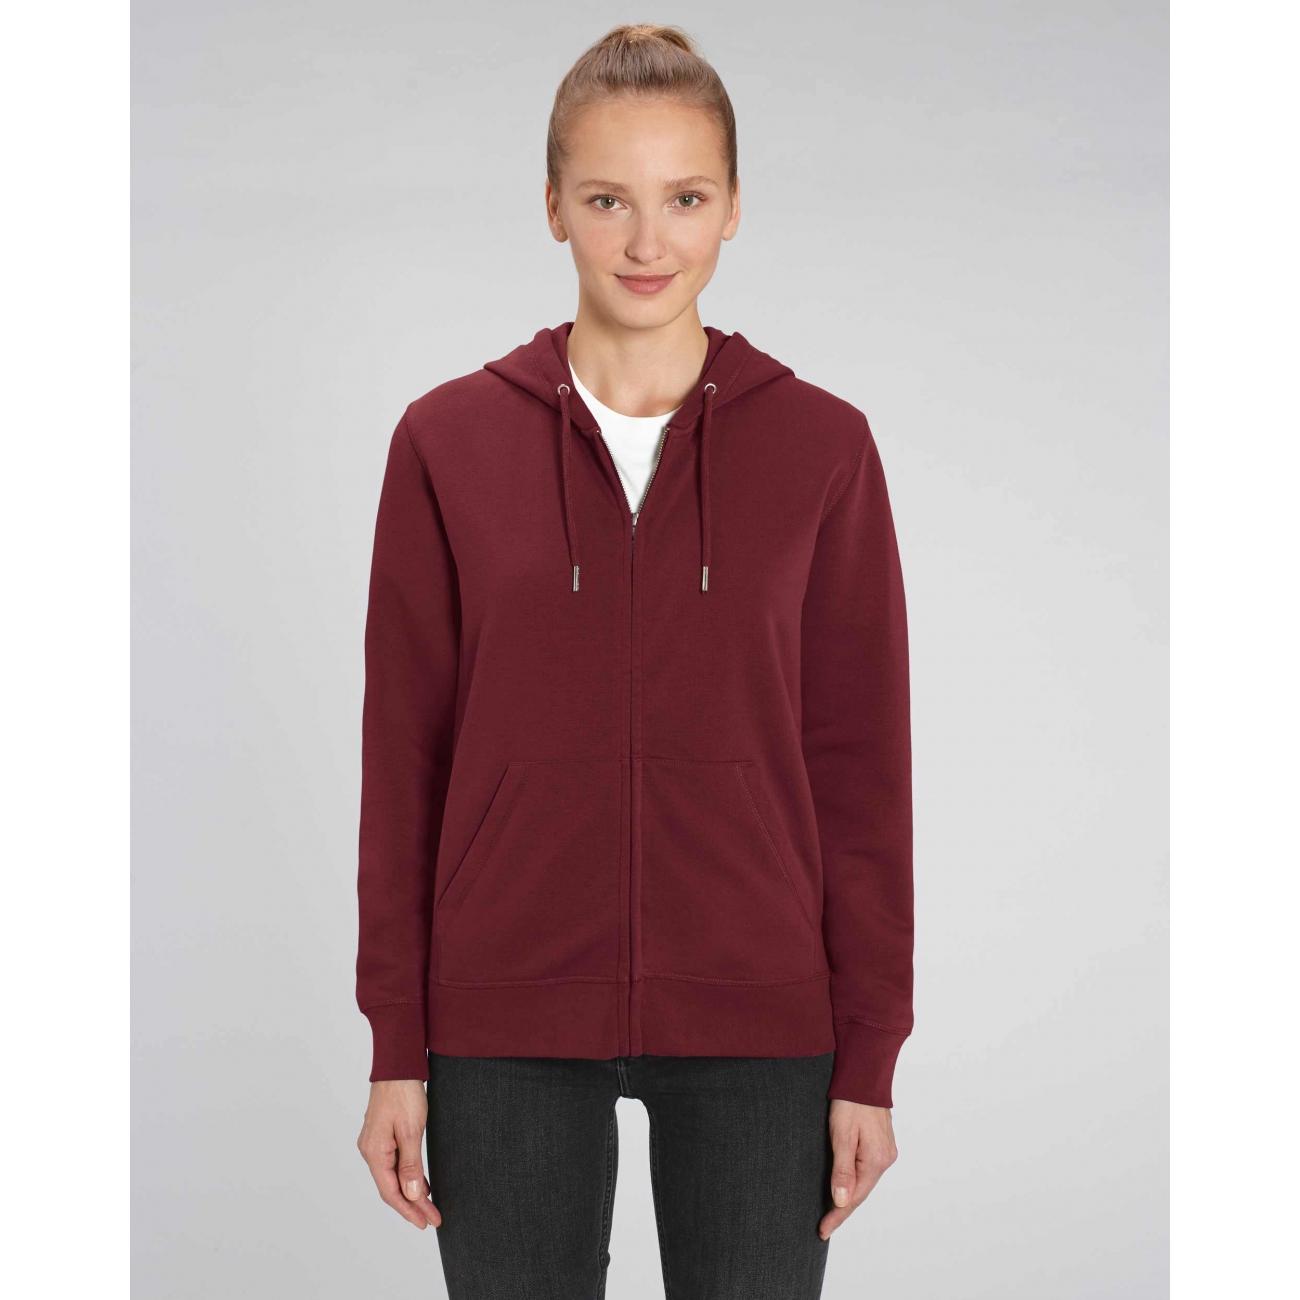 https://tee-shirt-bio.com/7783-thickbox_default/veste-a-capuche-zippee-coton-bio-femme-bordeaux-connector.jpg